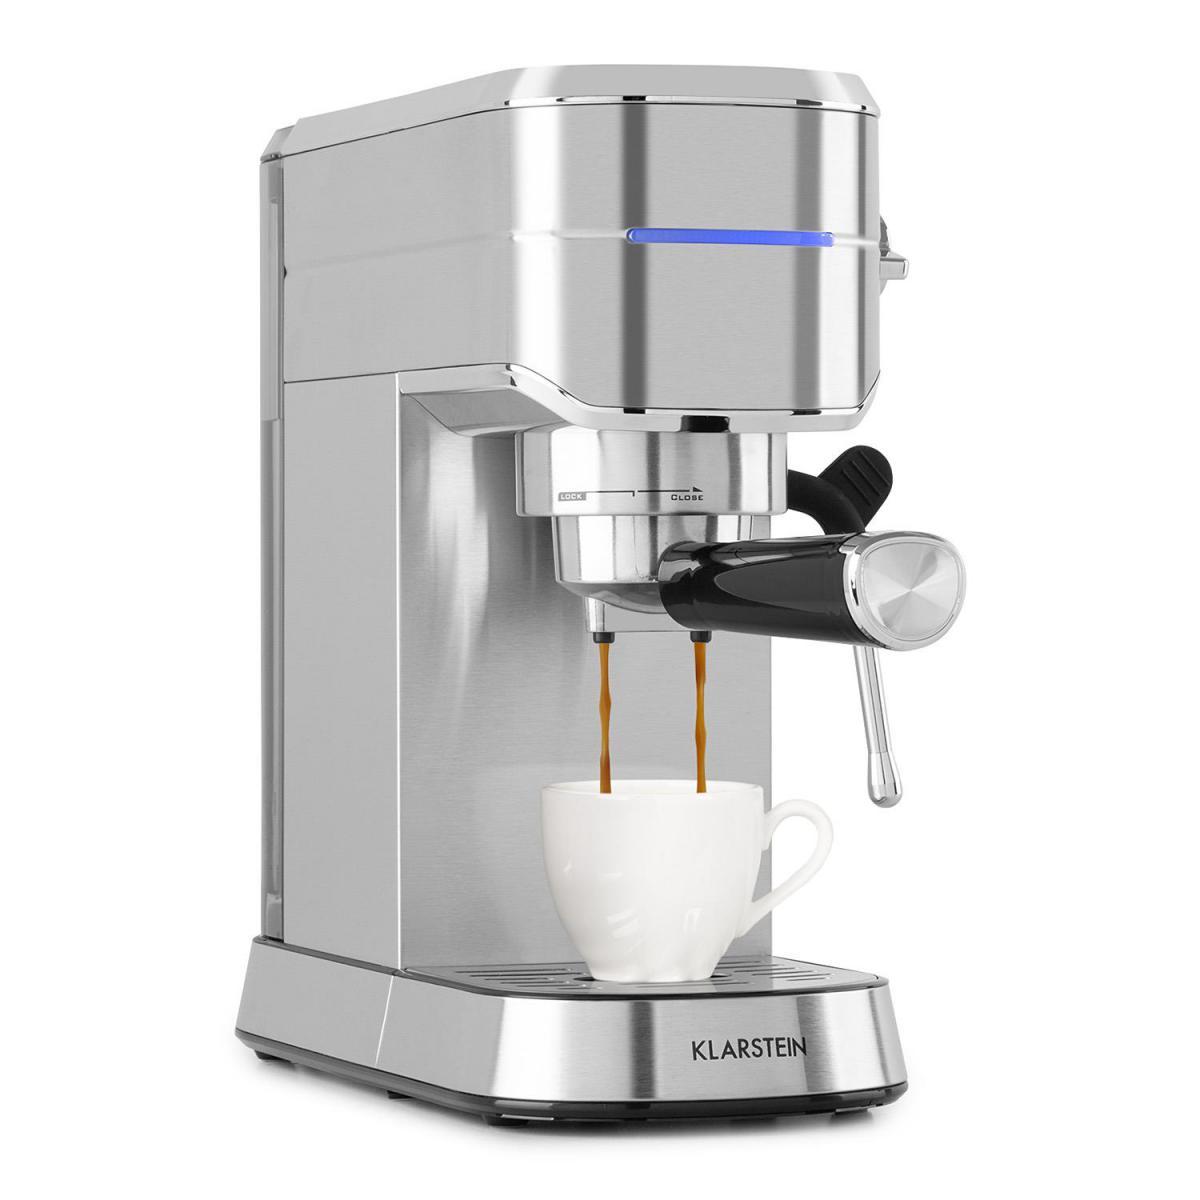 Klarstein Machine à expresso - Klarstein Futura - 1450W - Pression 20 bars - Argent